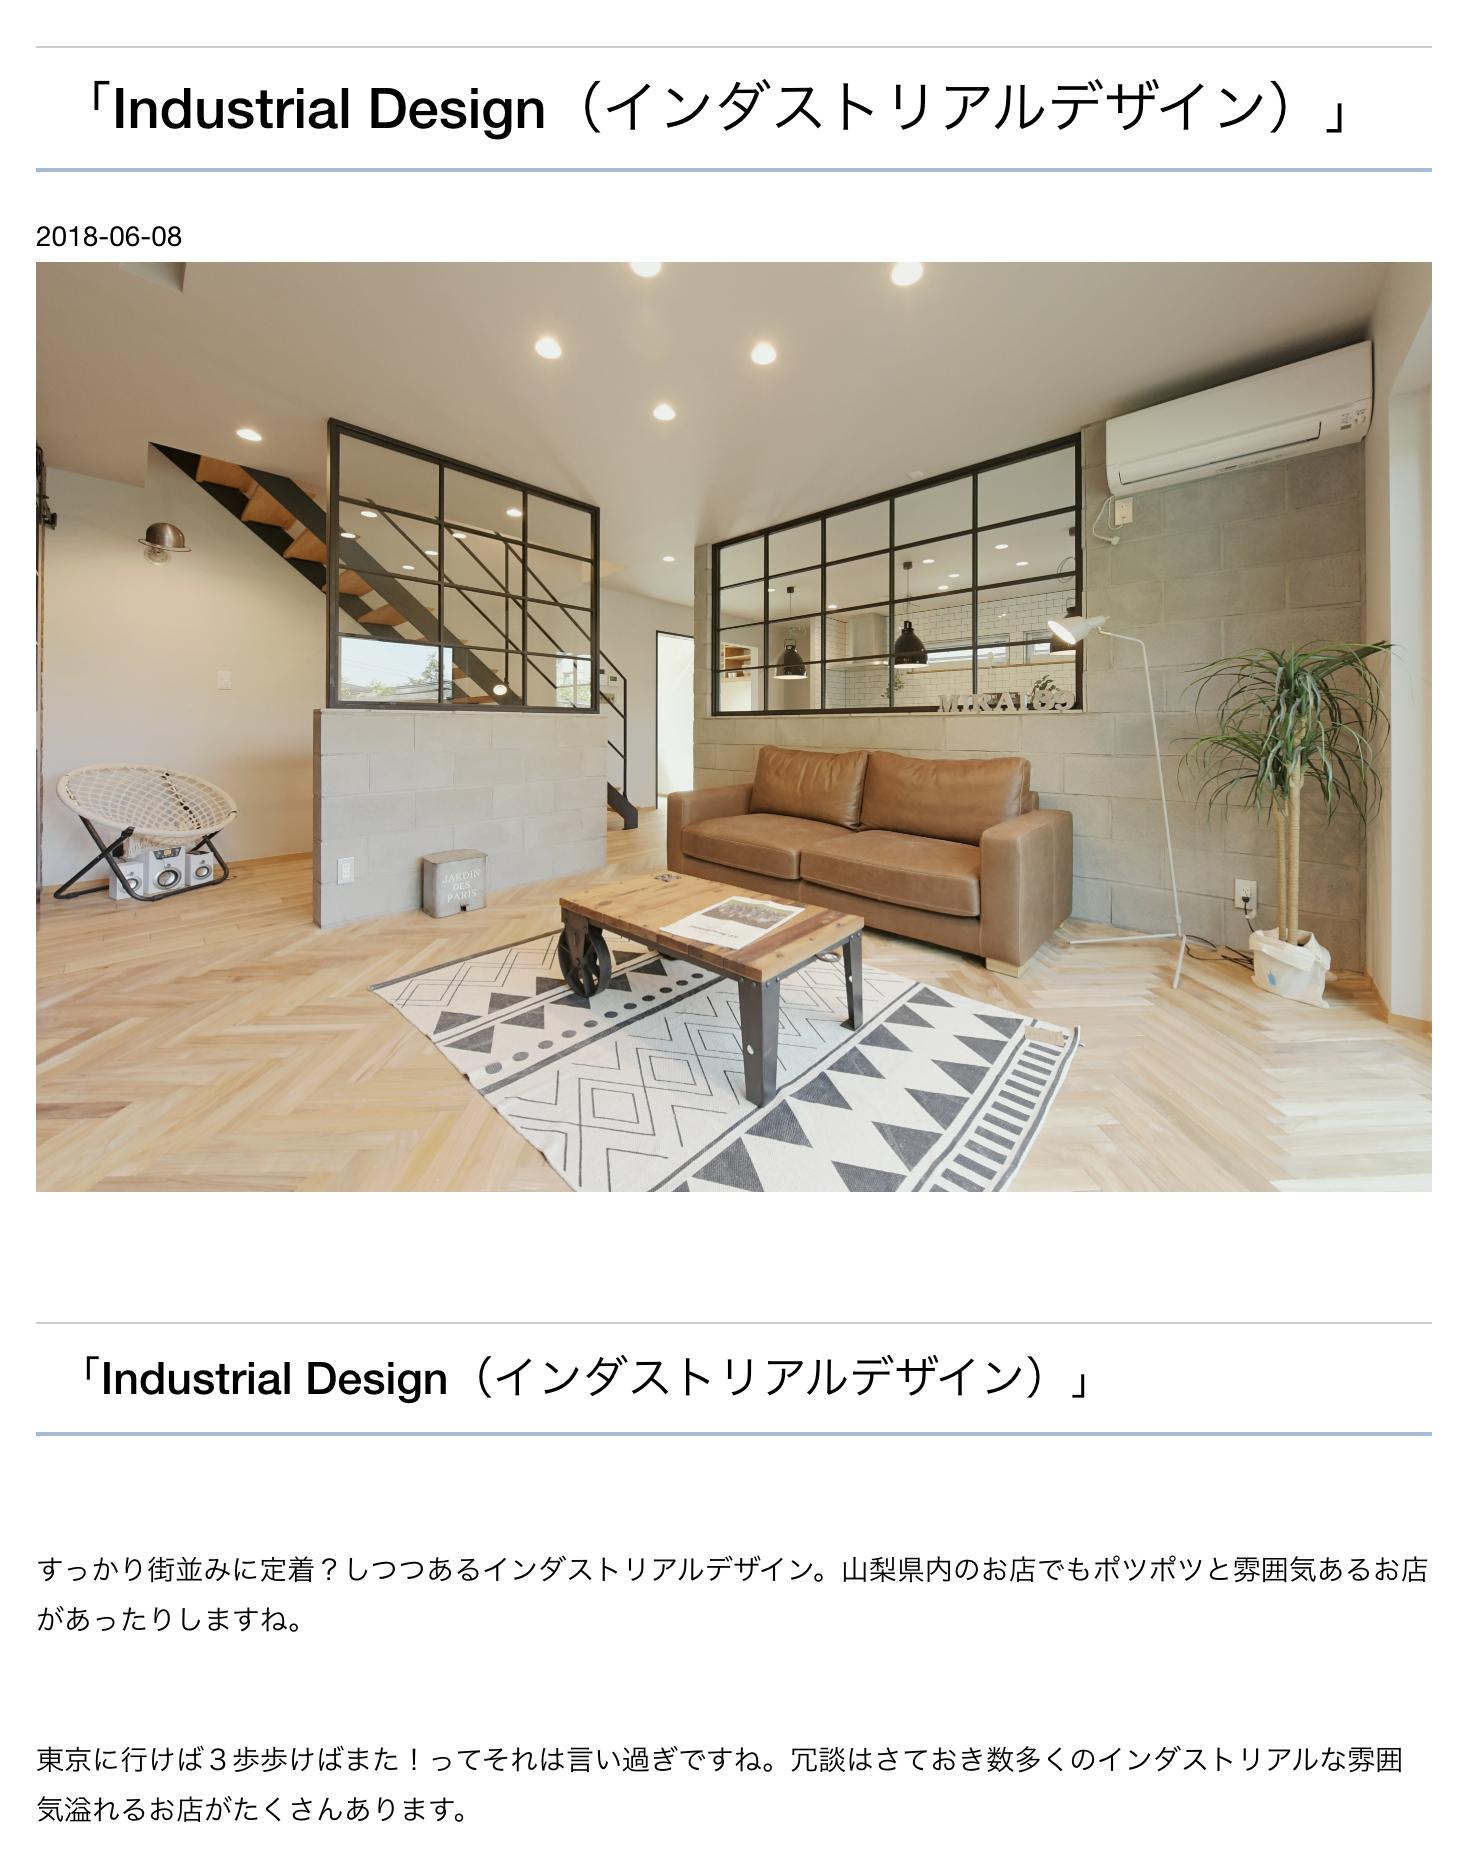 山梨県の工務店、未来建築工房とつくる注文住宅。|注文住宅ブログランキング  インダストリアルデザイン